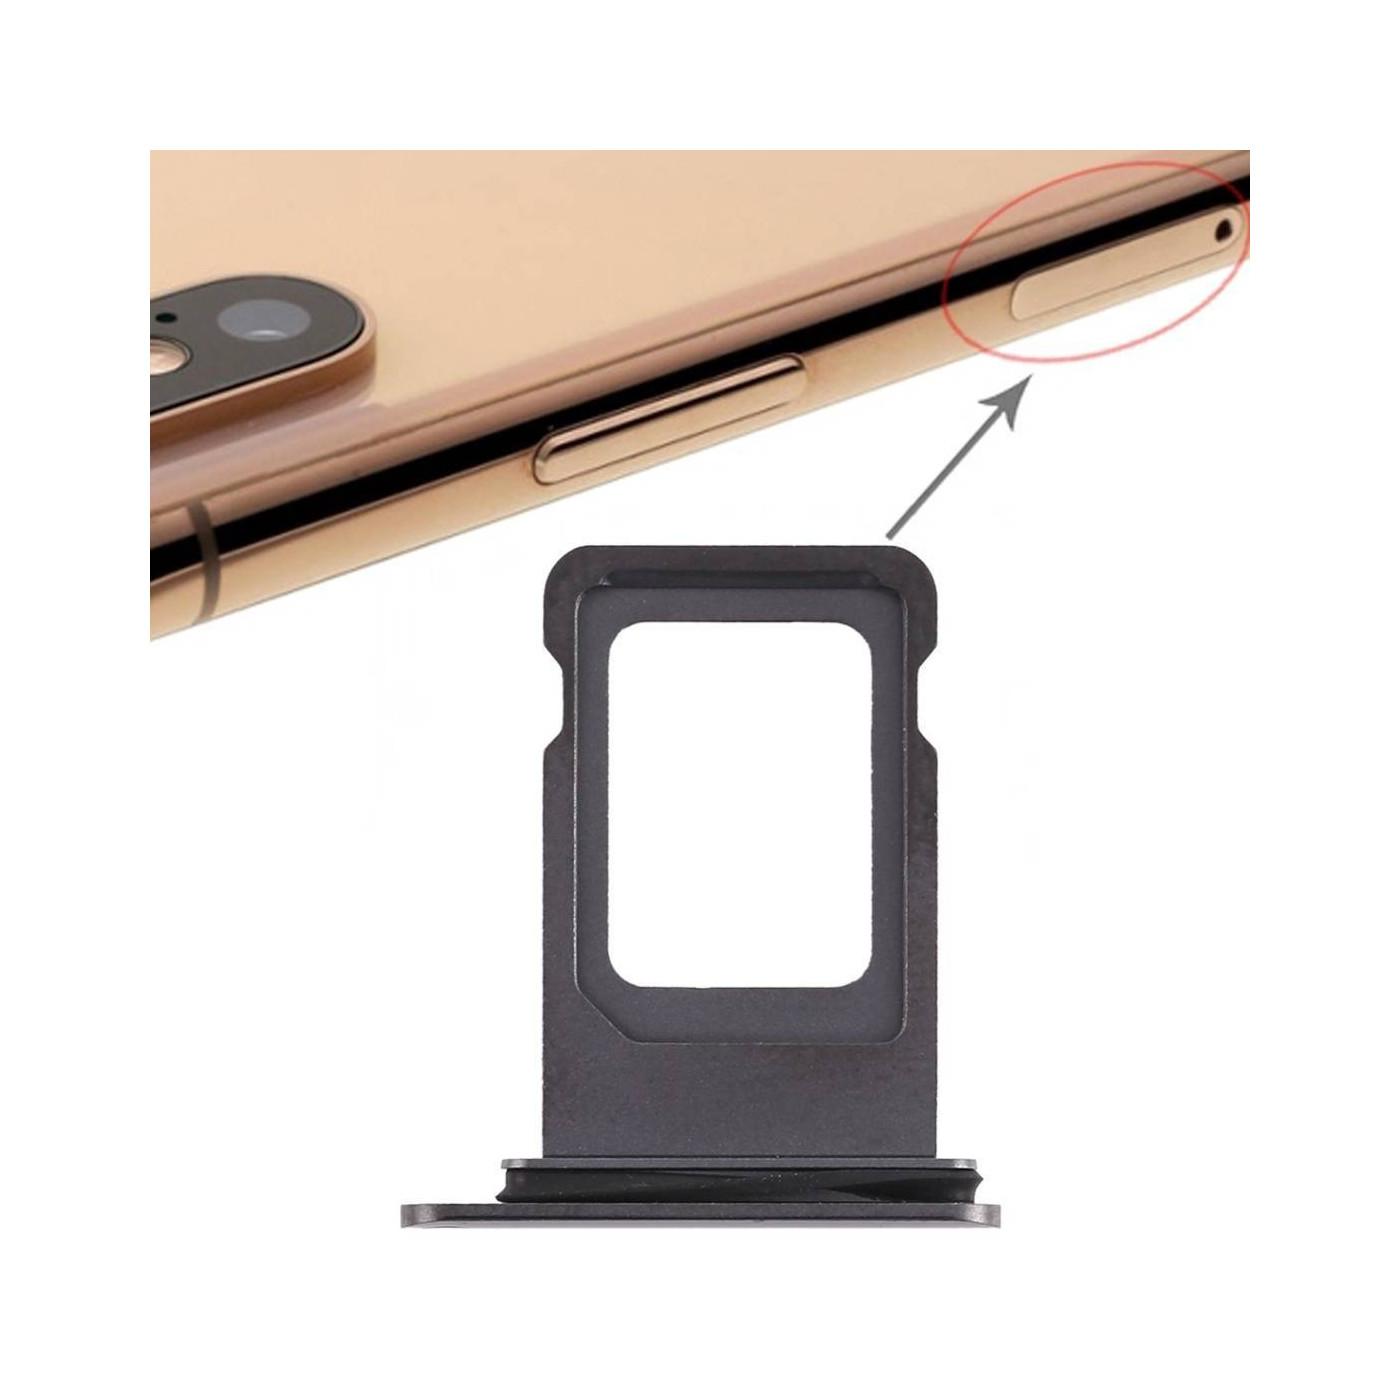 PORTE CARTE SIM Apple iPhone XS MAX BLACK SLOT SLIDE REMPLACEMENT DE PLATEAU CHARIOT